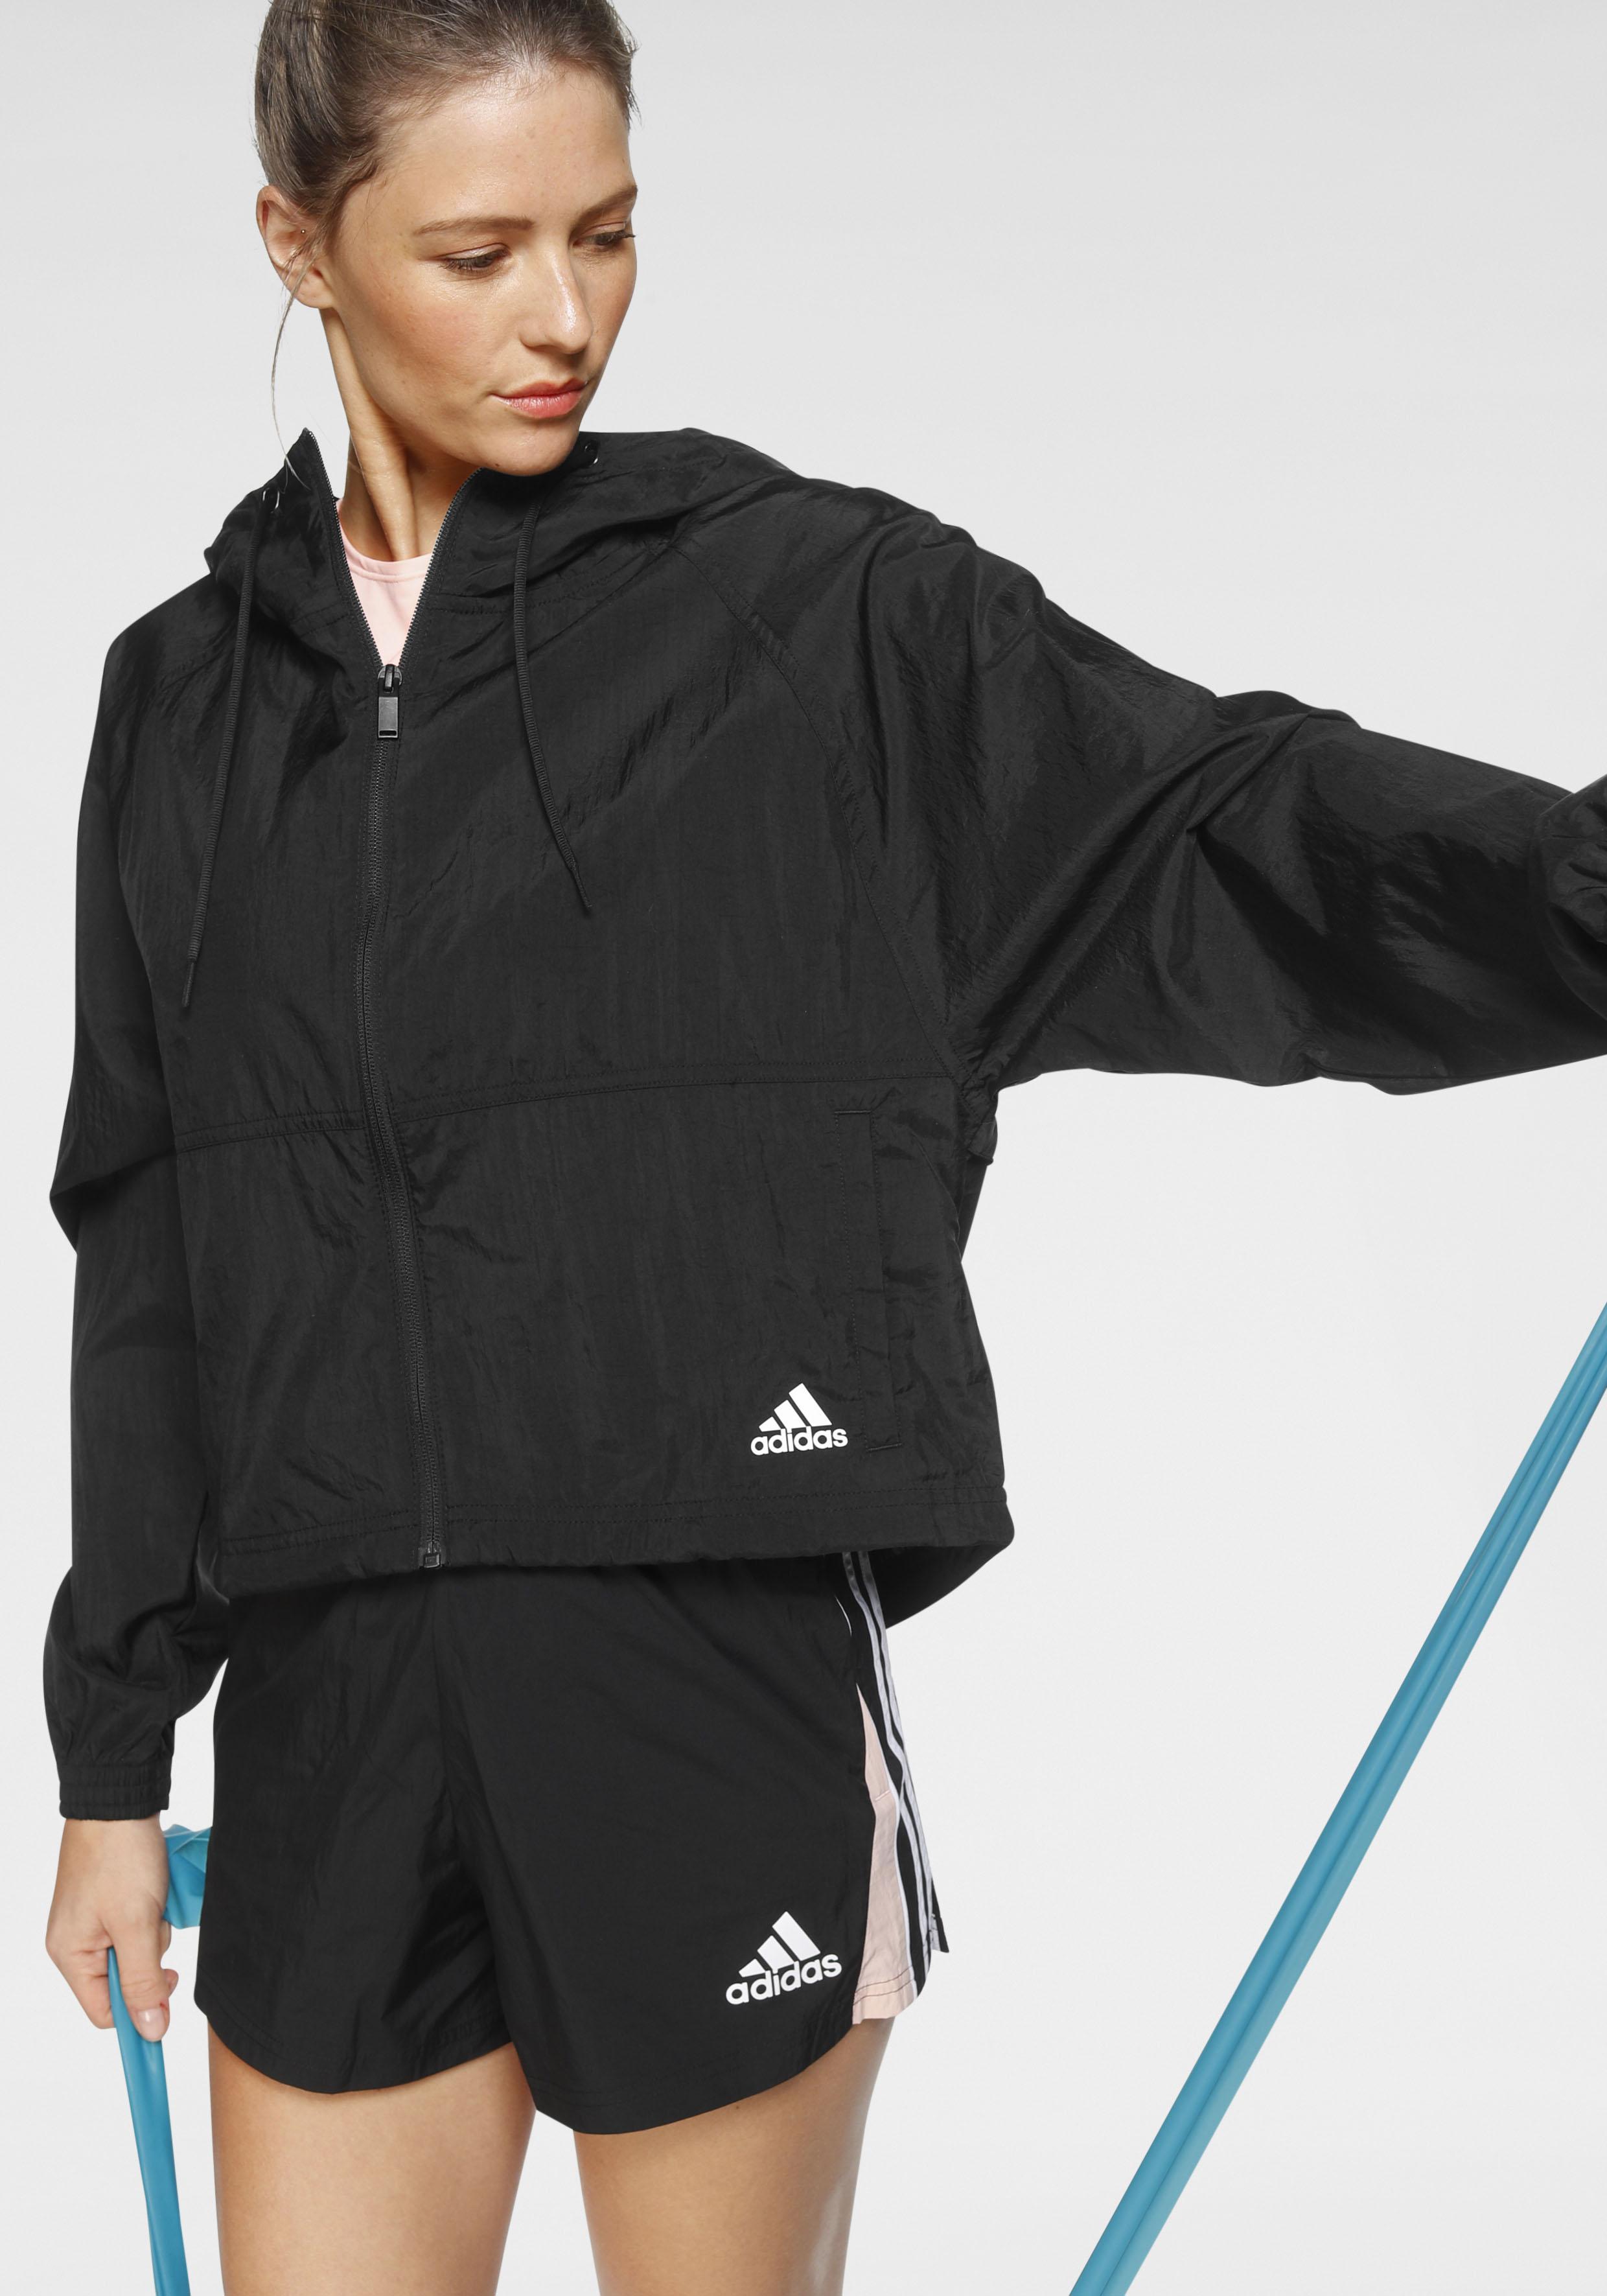 adidas Performance Windbreaker BATCH OF SPORTS WINDBREAKER JACKET schwarz Damen